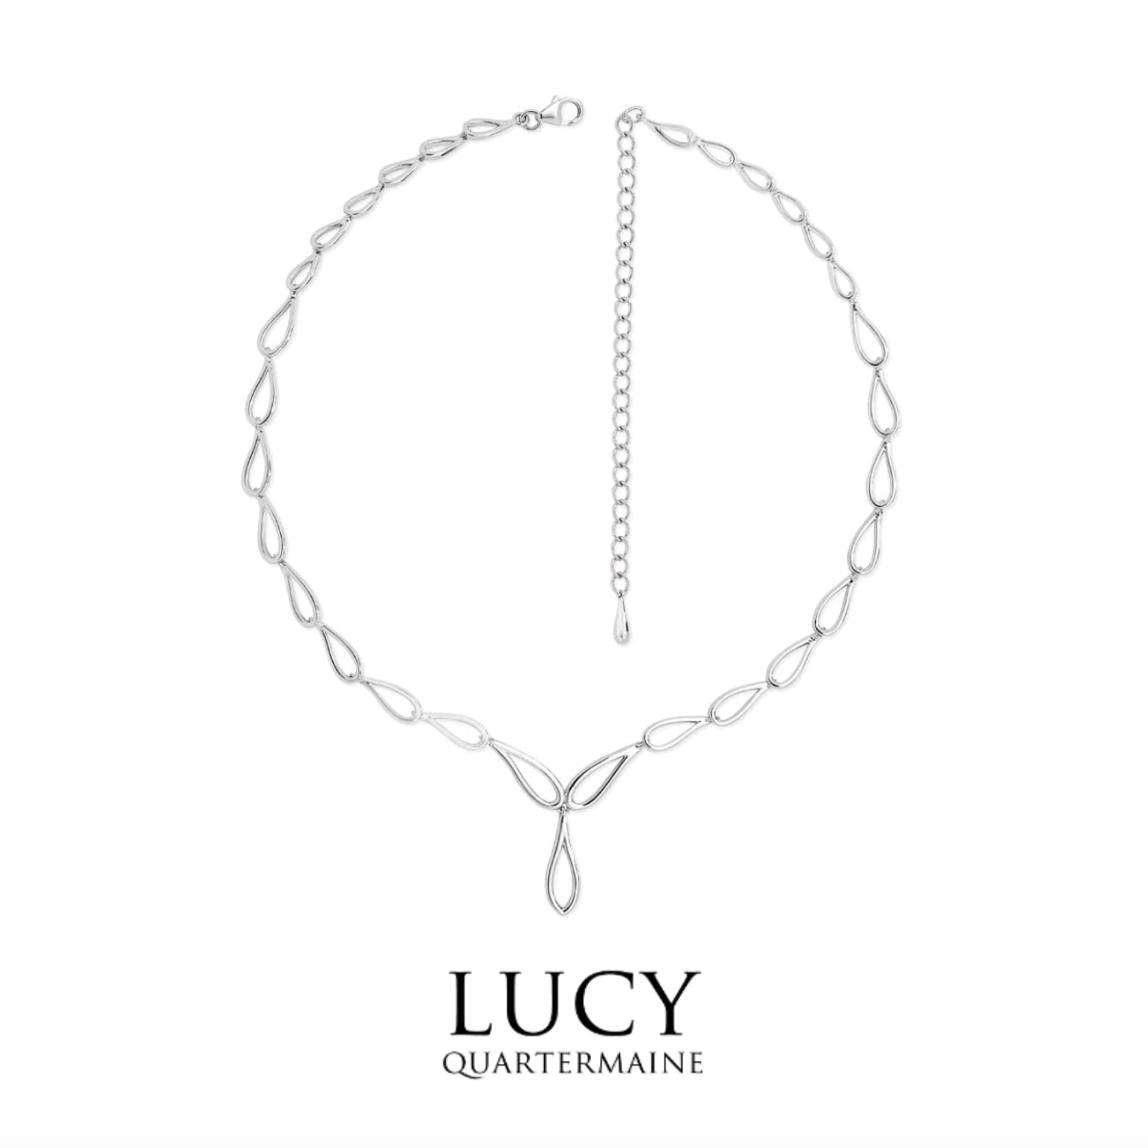 Lucy Quartermaine